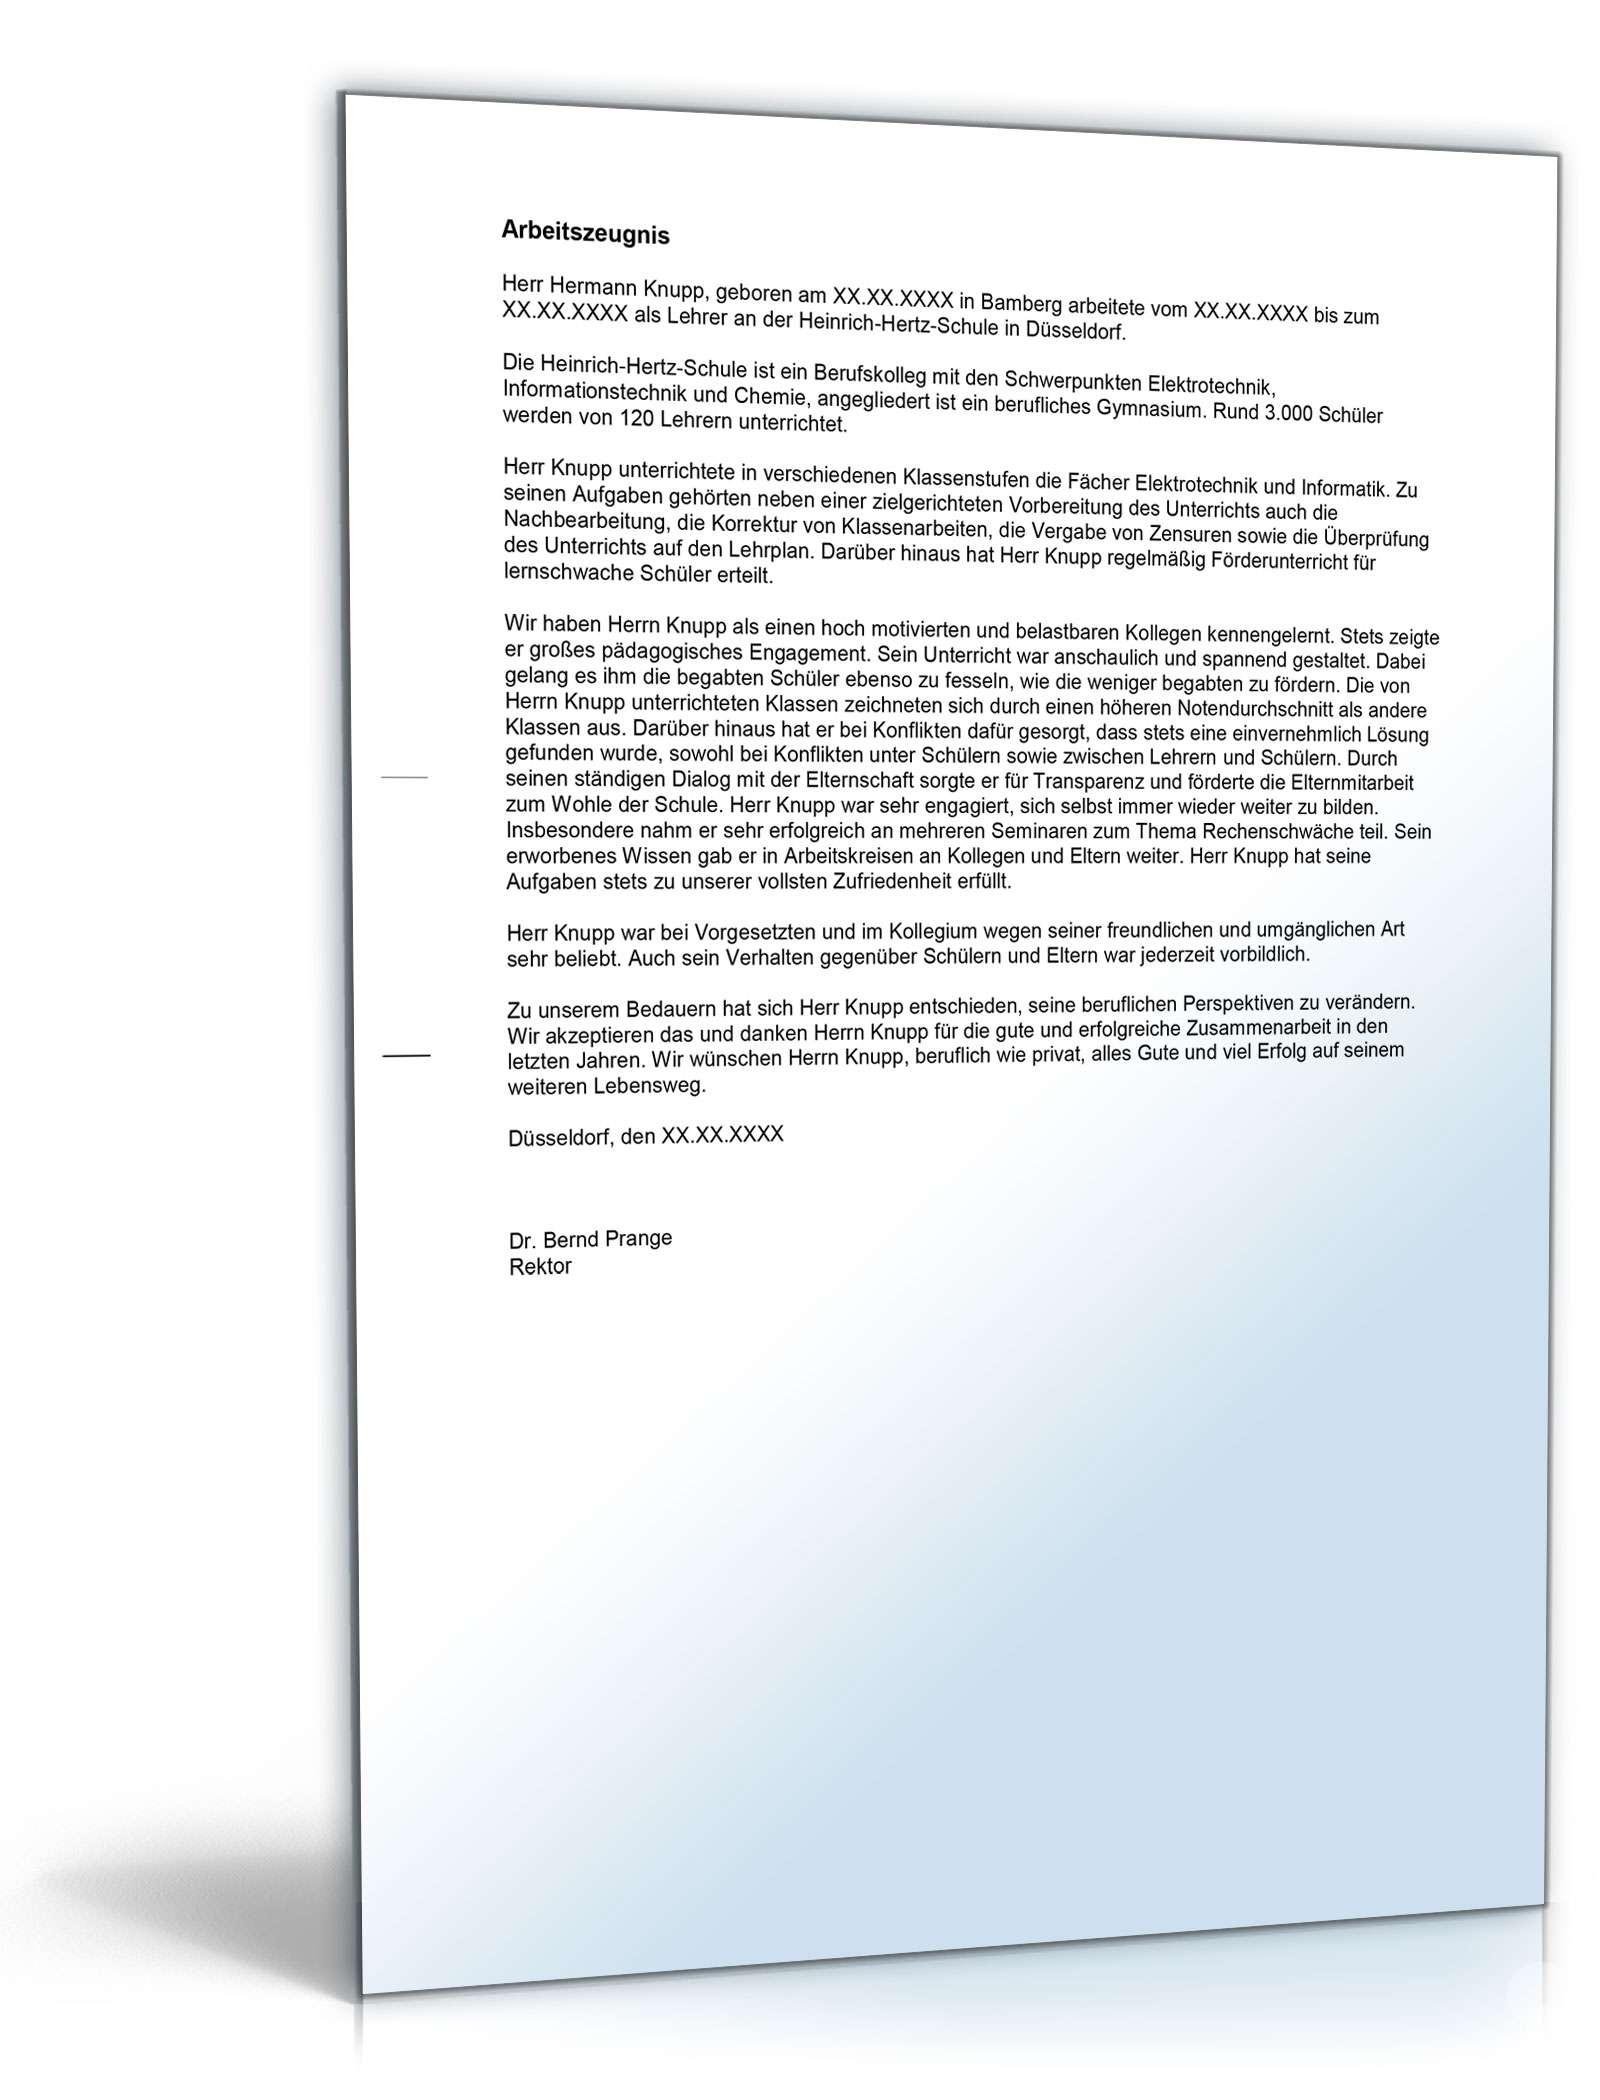 Schön Lehrer Vorlagen Ideen - Entry Level Resume Vorlagen Sammlung ...